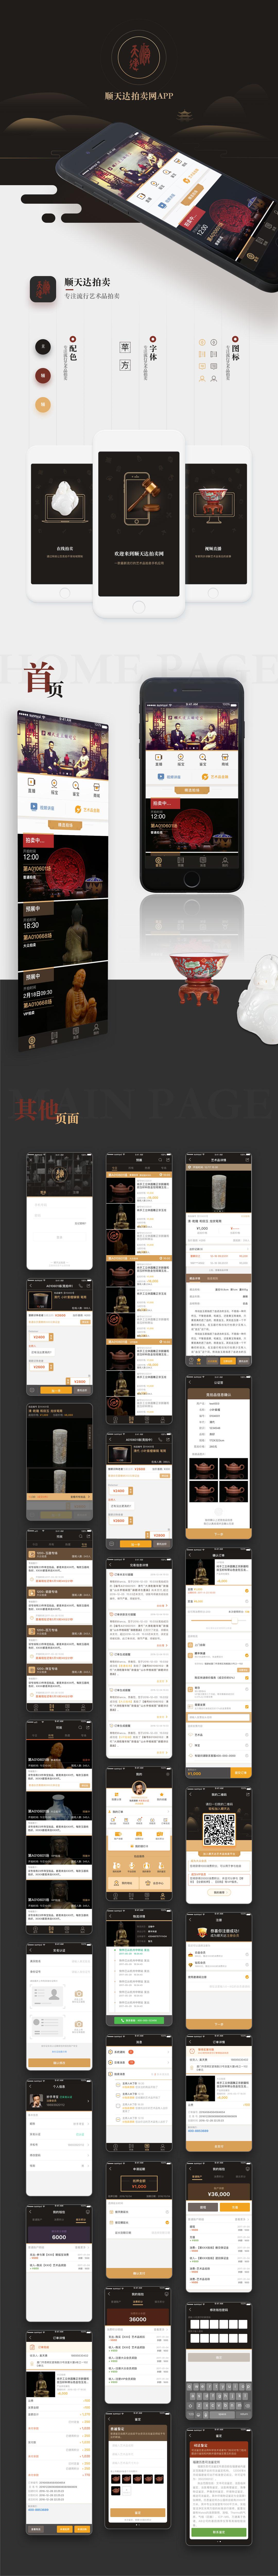 app设计,顺天达app,界面设计,ui设计